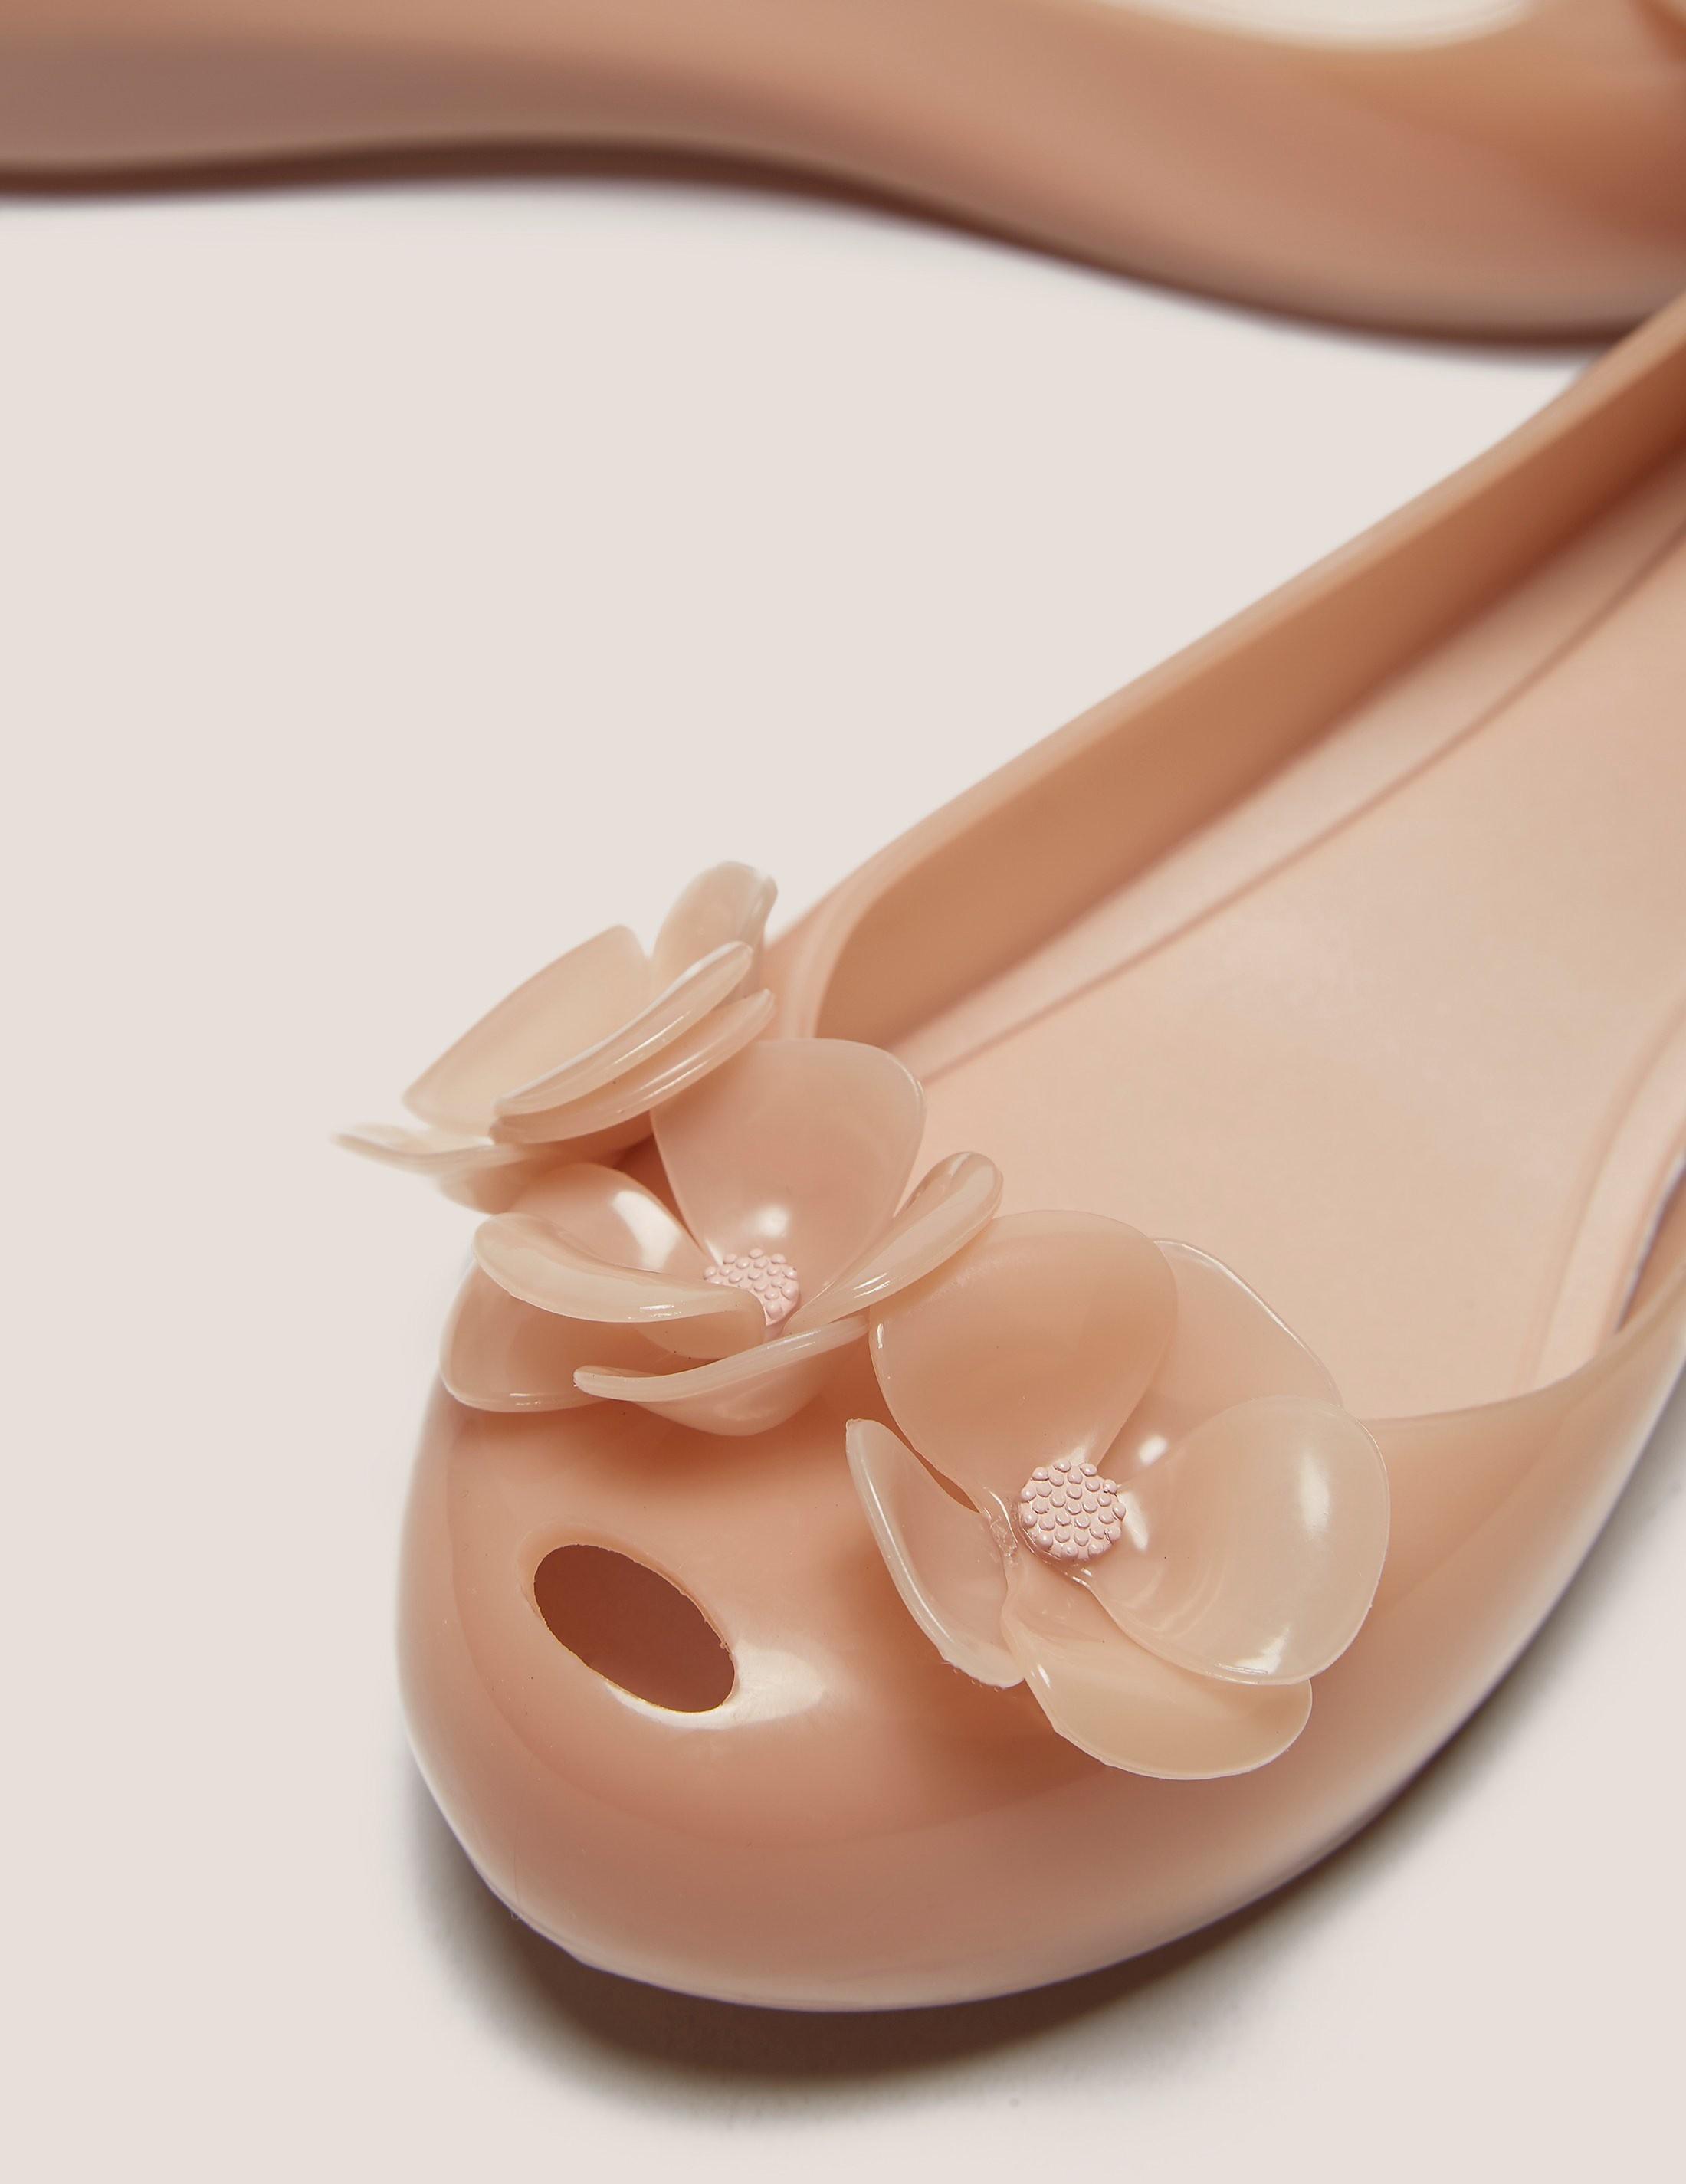 Melissa Ultragirl Flower Shoe